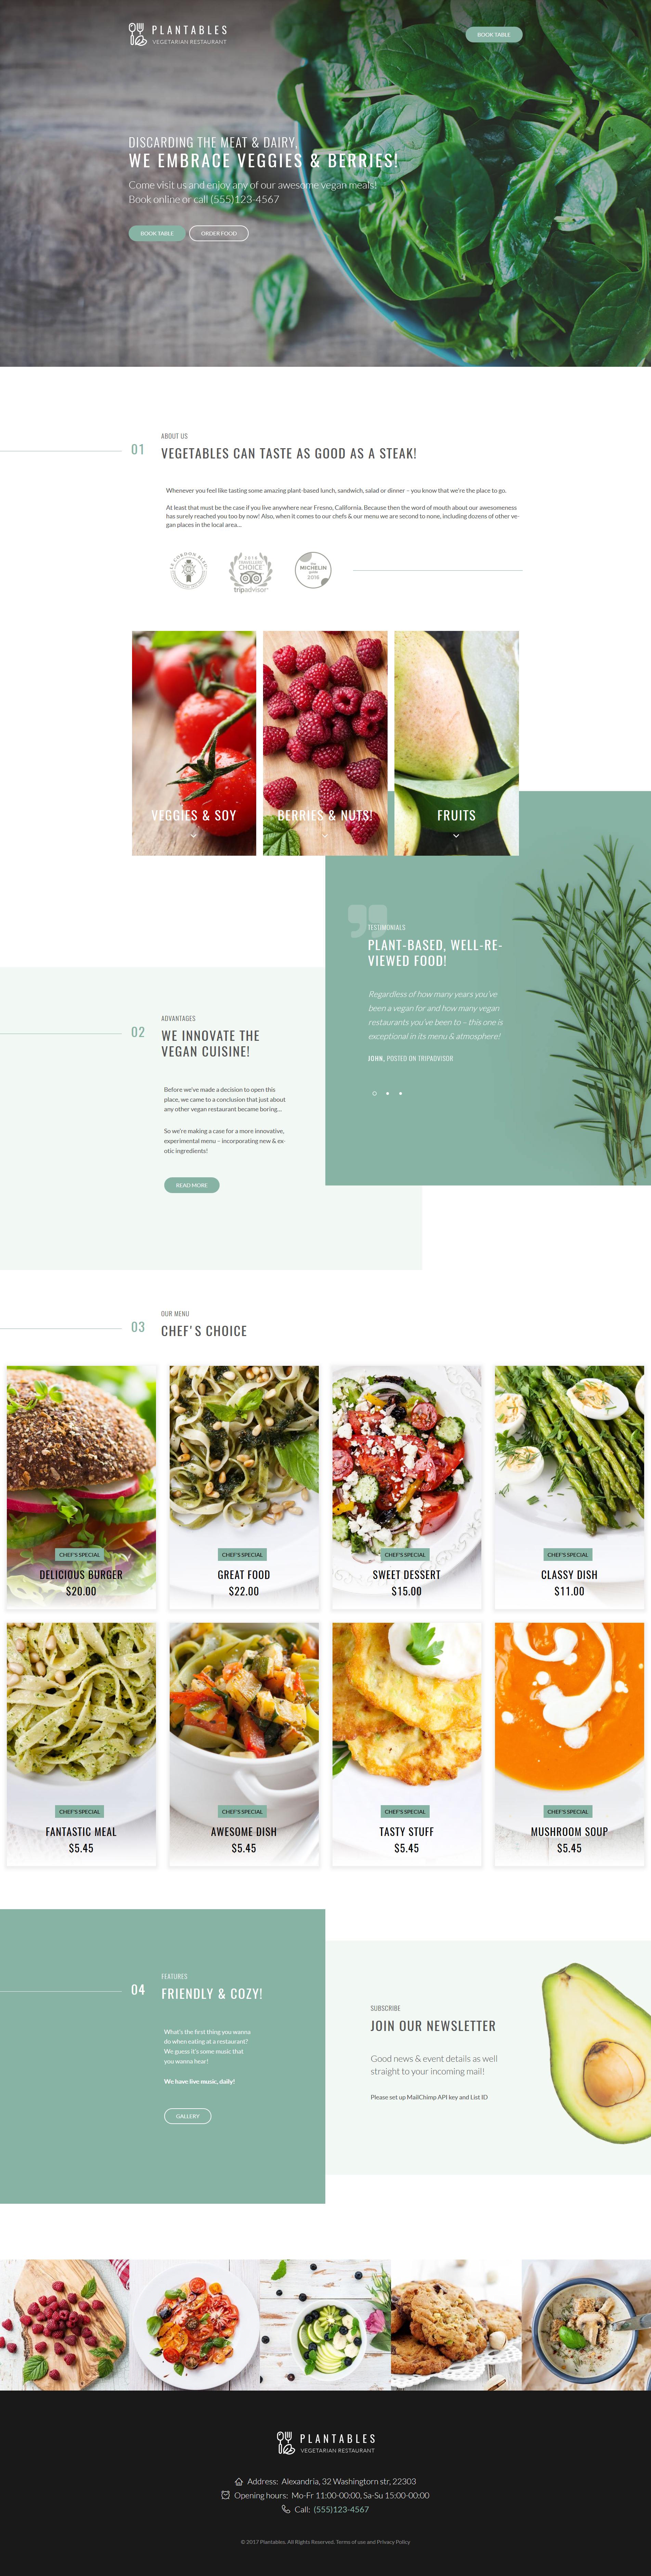 Адаптивный шаблон сайта на тему вегетарианский ресторан #64052